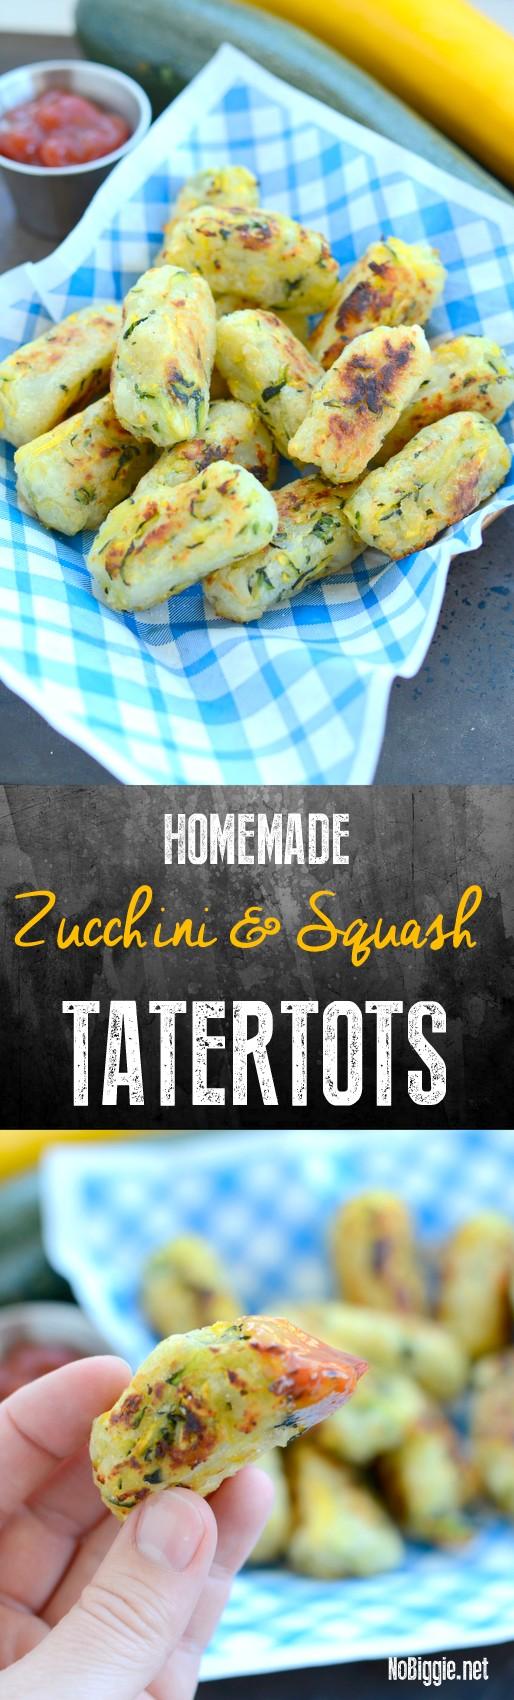 http://www.nobiggie.net/wp-content/uploads/2016/07/Homemade-zucchini-tatertots.jpg